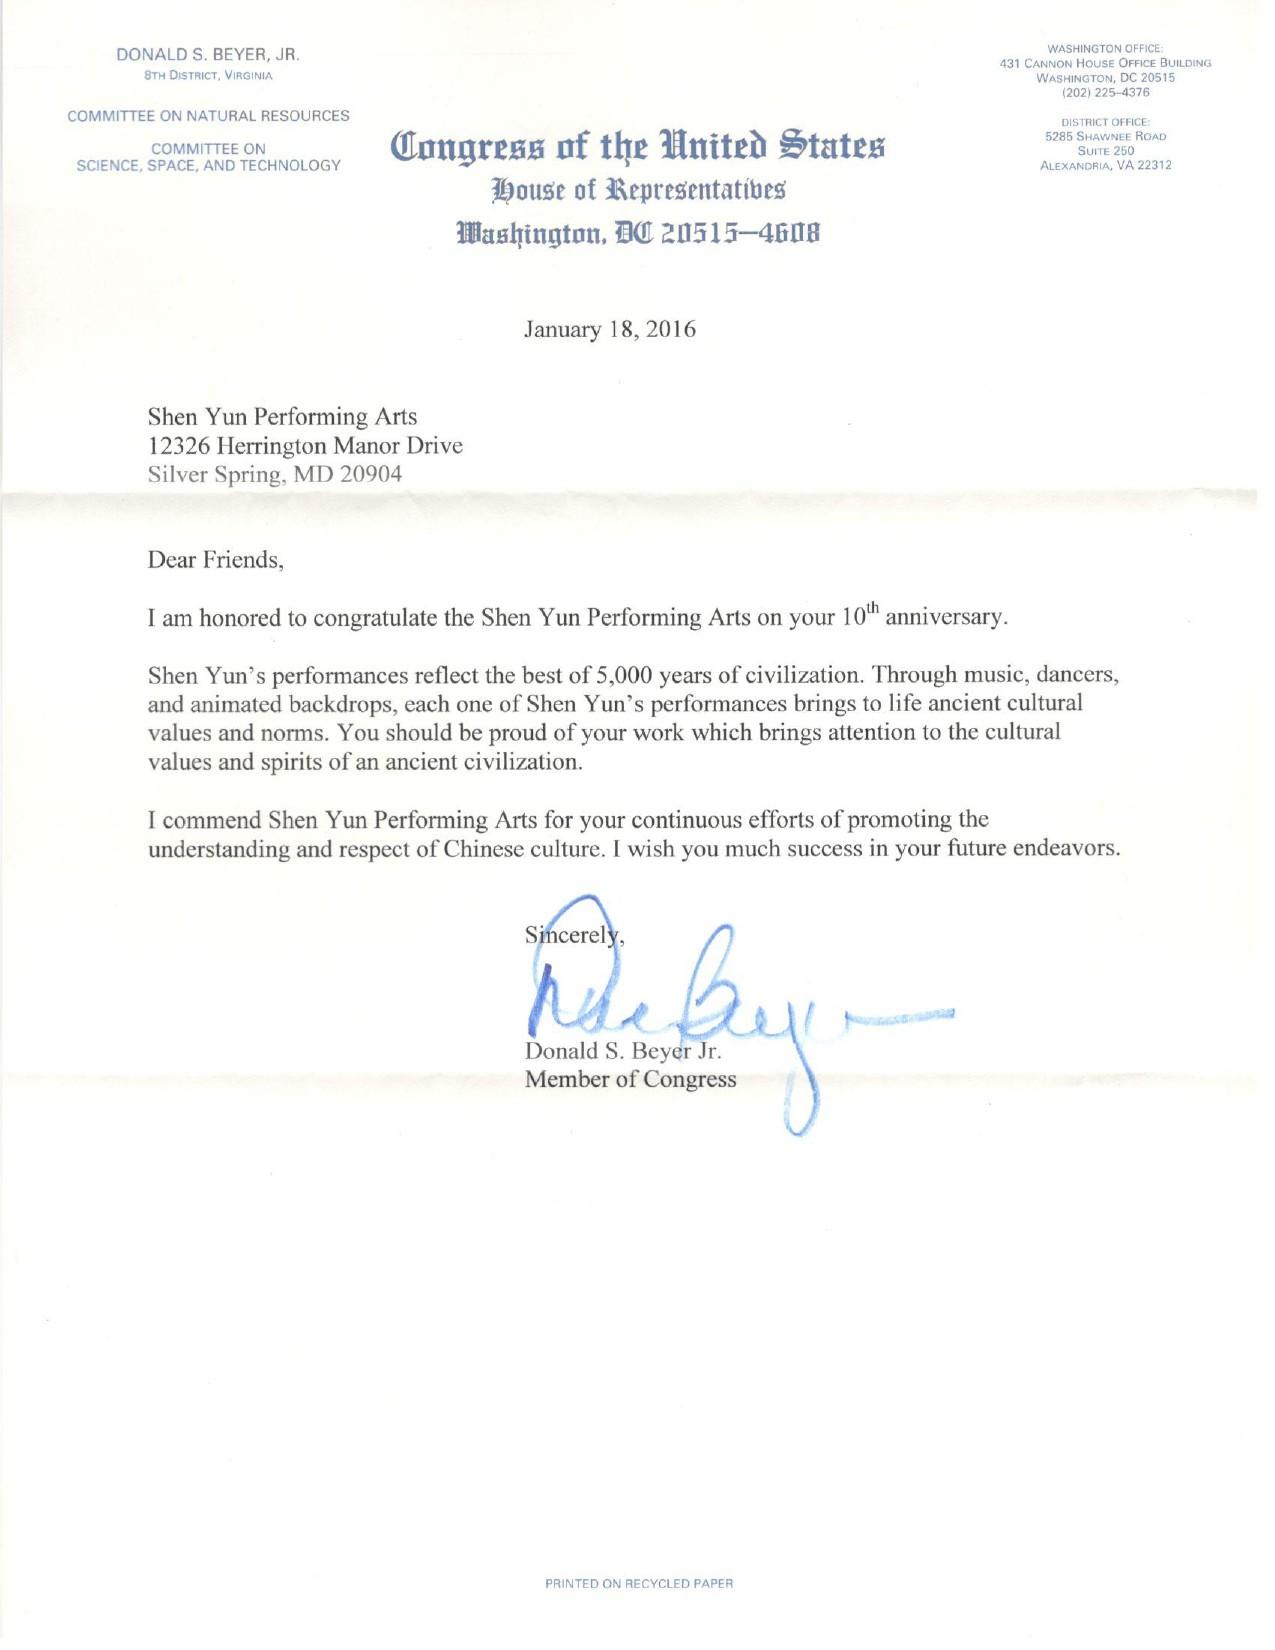 美国会众议员唐纳德‧拜尔(Donald S.Beyer)向神韵发来贺信。(大纪元资料室)